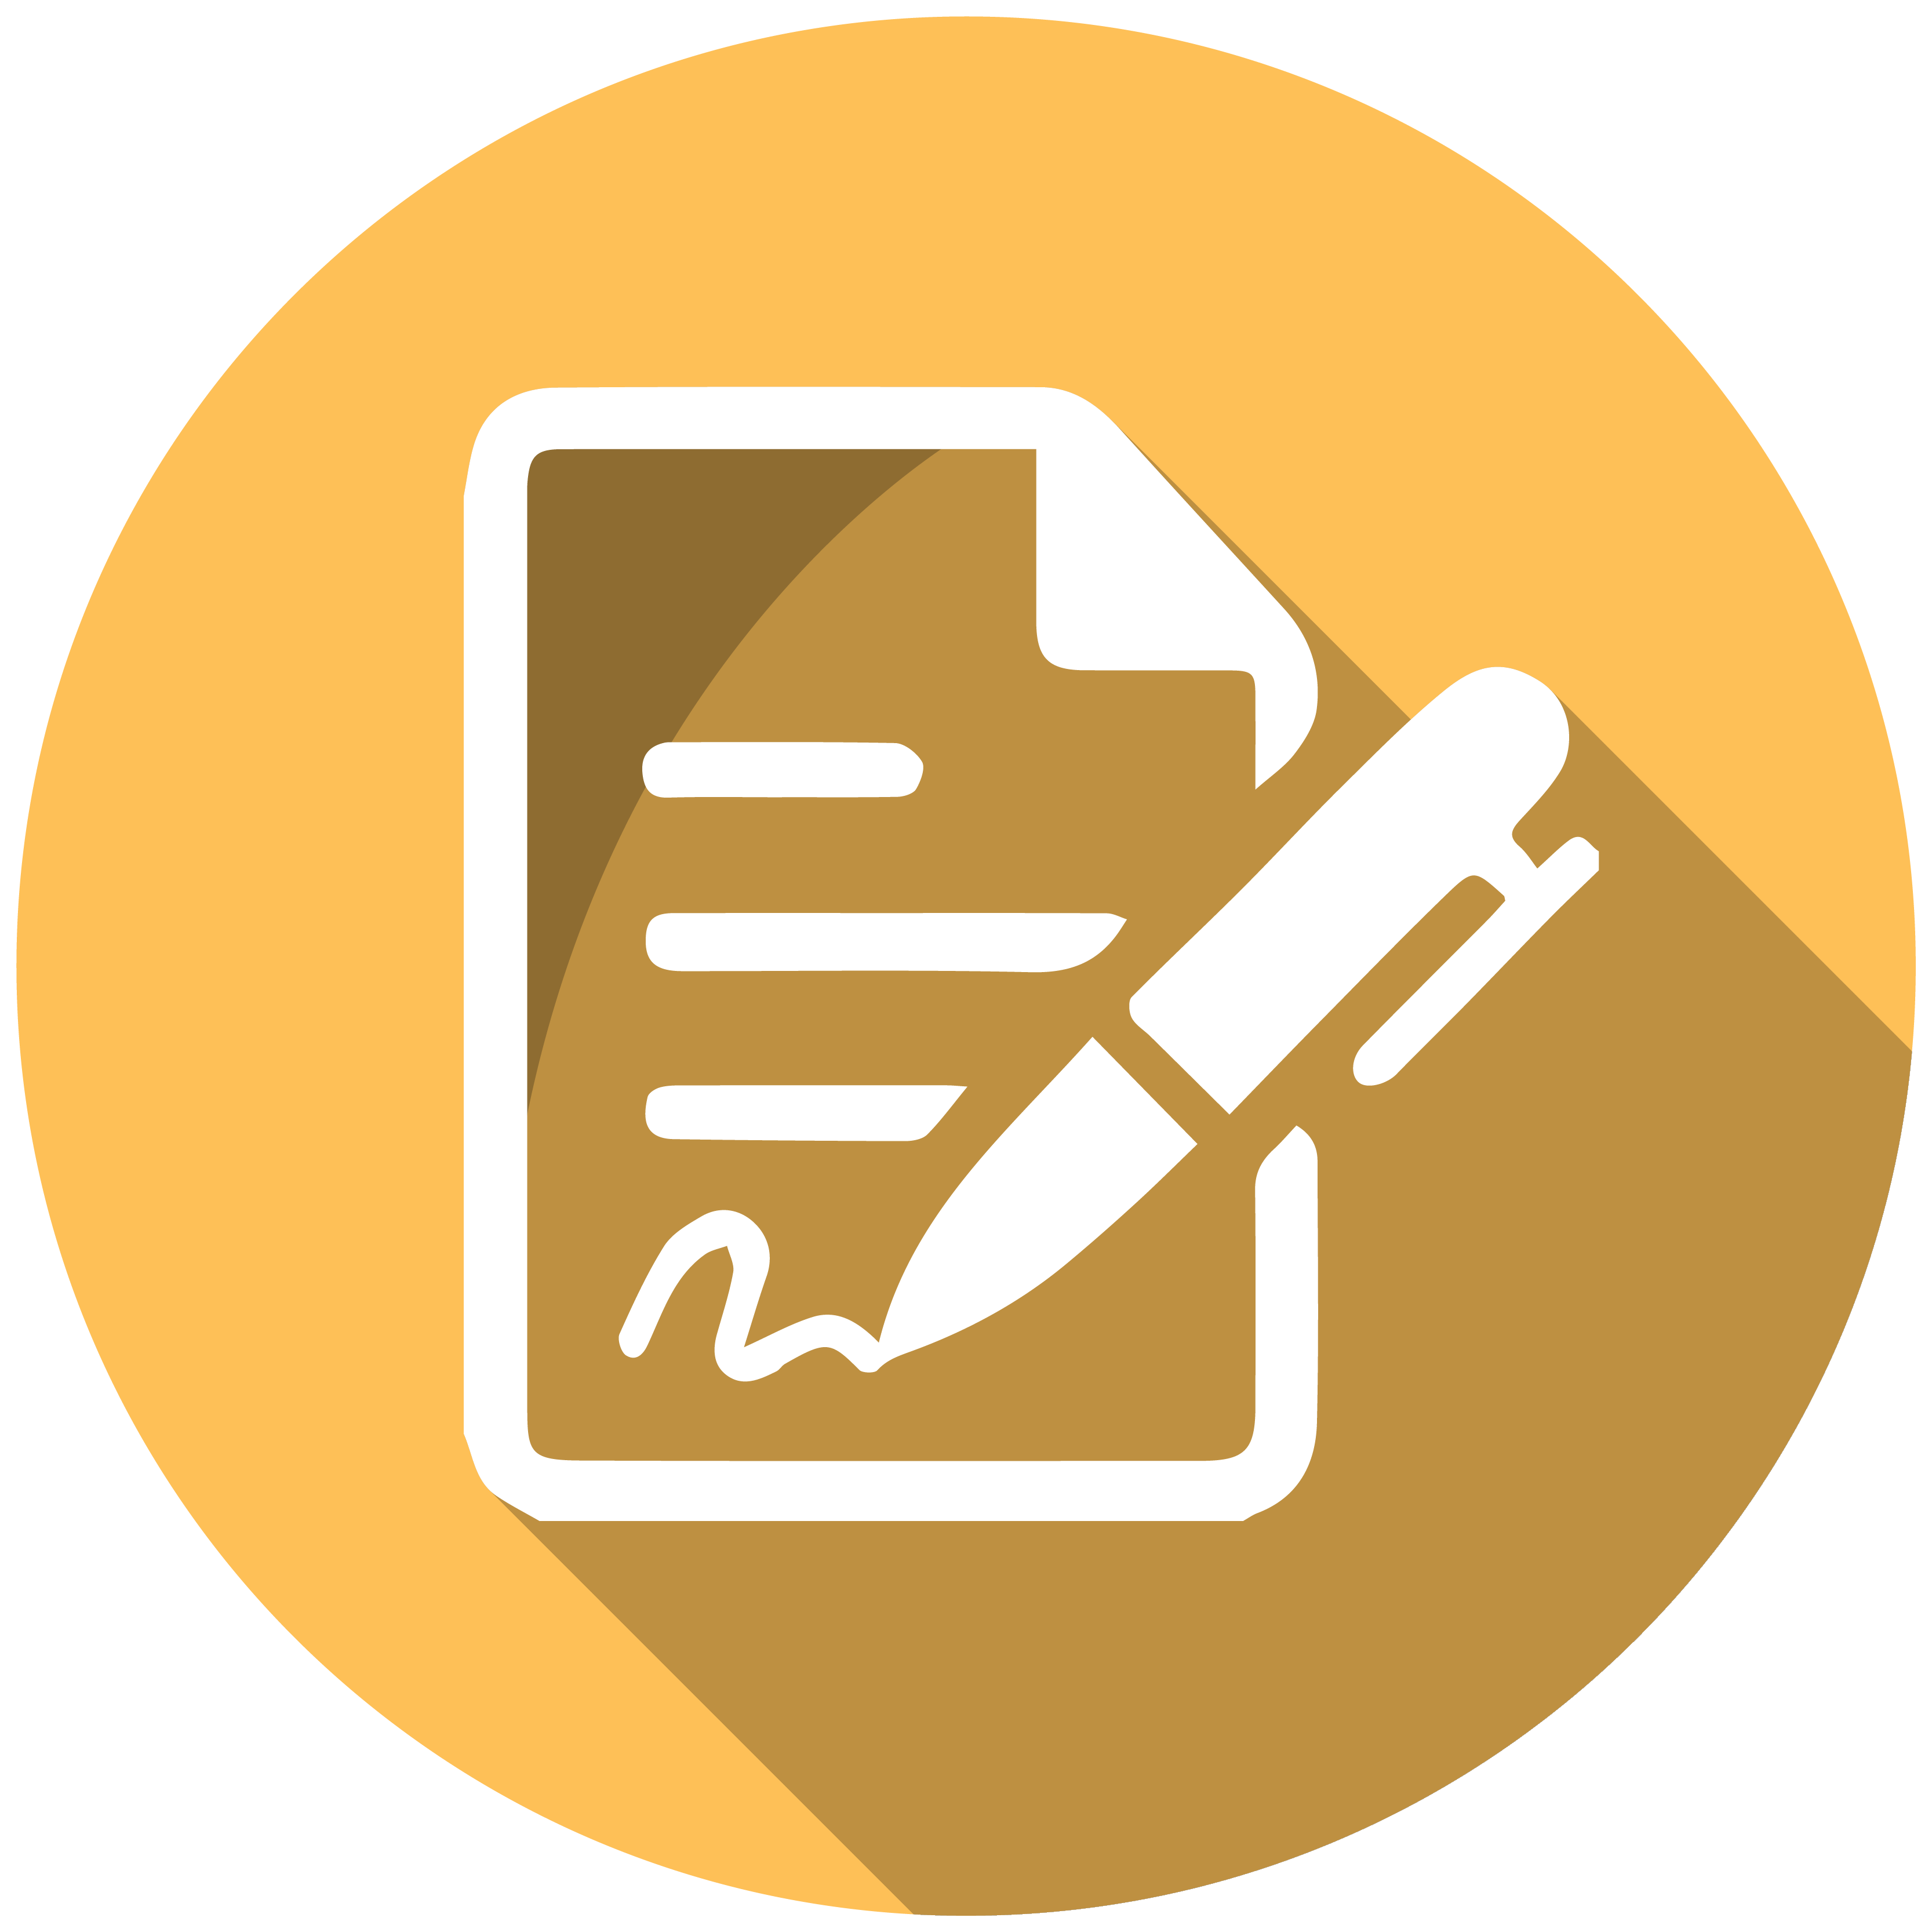 دانلود فایل ( تبدیل متن خطی به  ستونی (زیر هم)---Convert horizontal text to vertical)